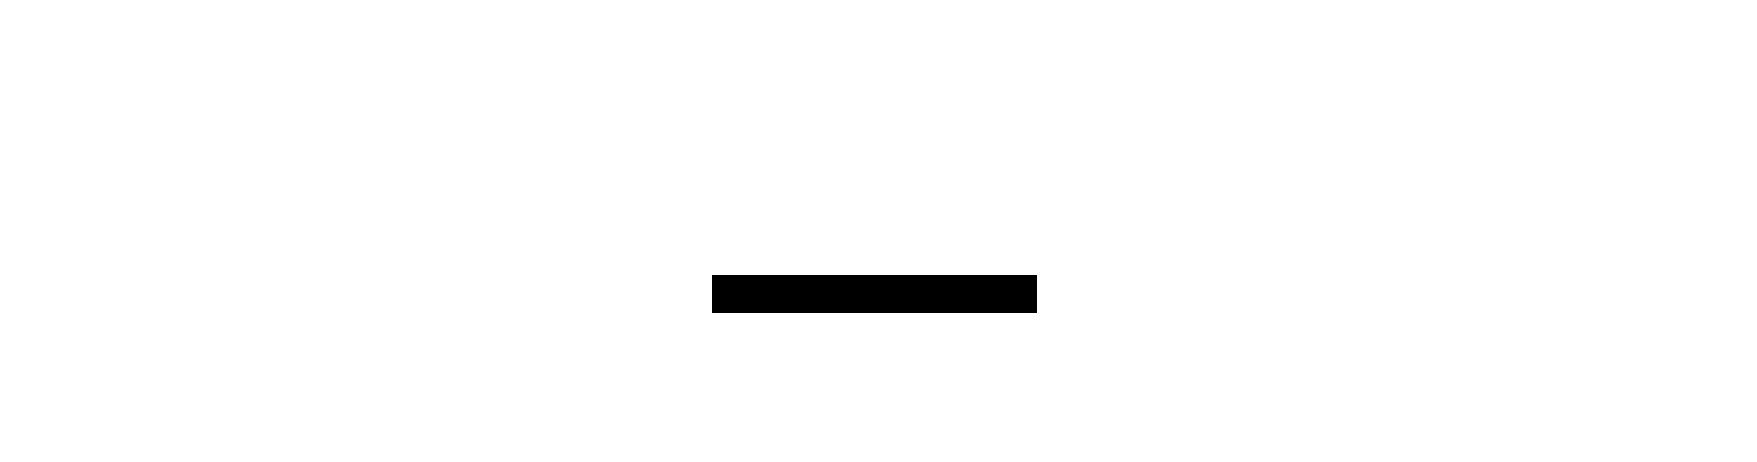 LepageIllus-copie-5